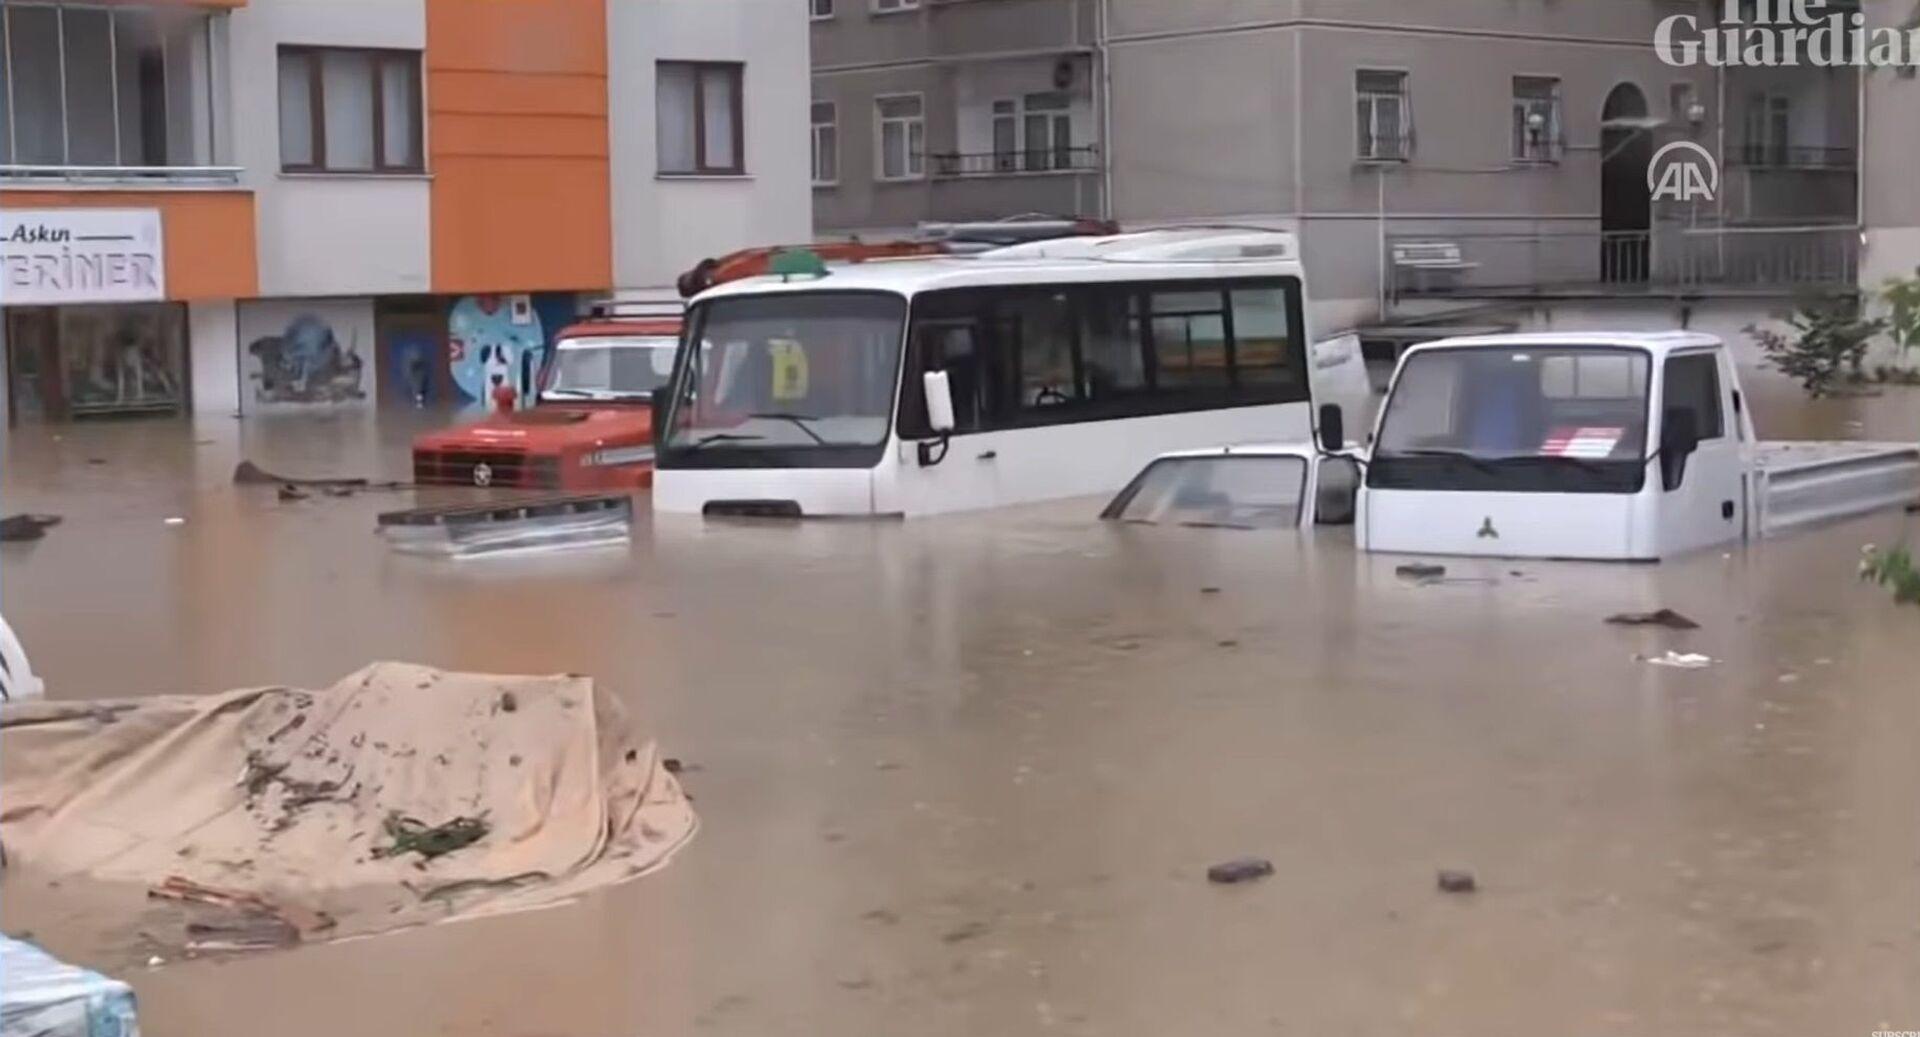 თურქეთში ძლიერმა წვიმებმა წყალდიდობა გამოიწვია - ვიდეო - Sputnik საქართველო, 1920, 24.08.2021